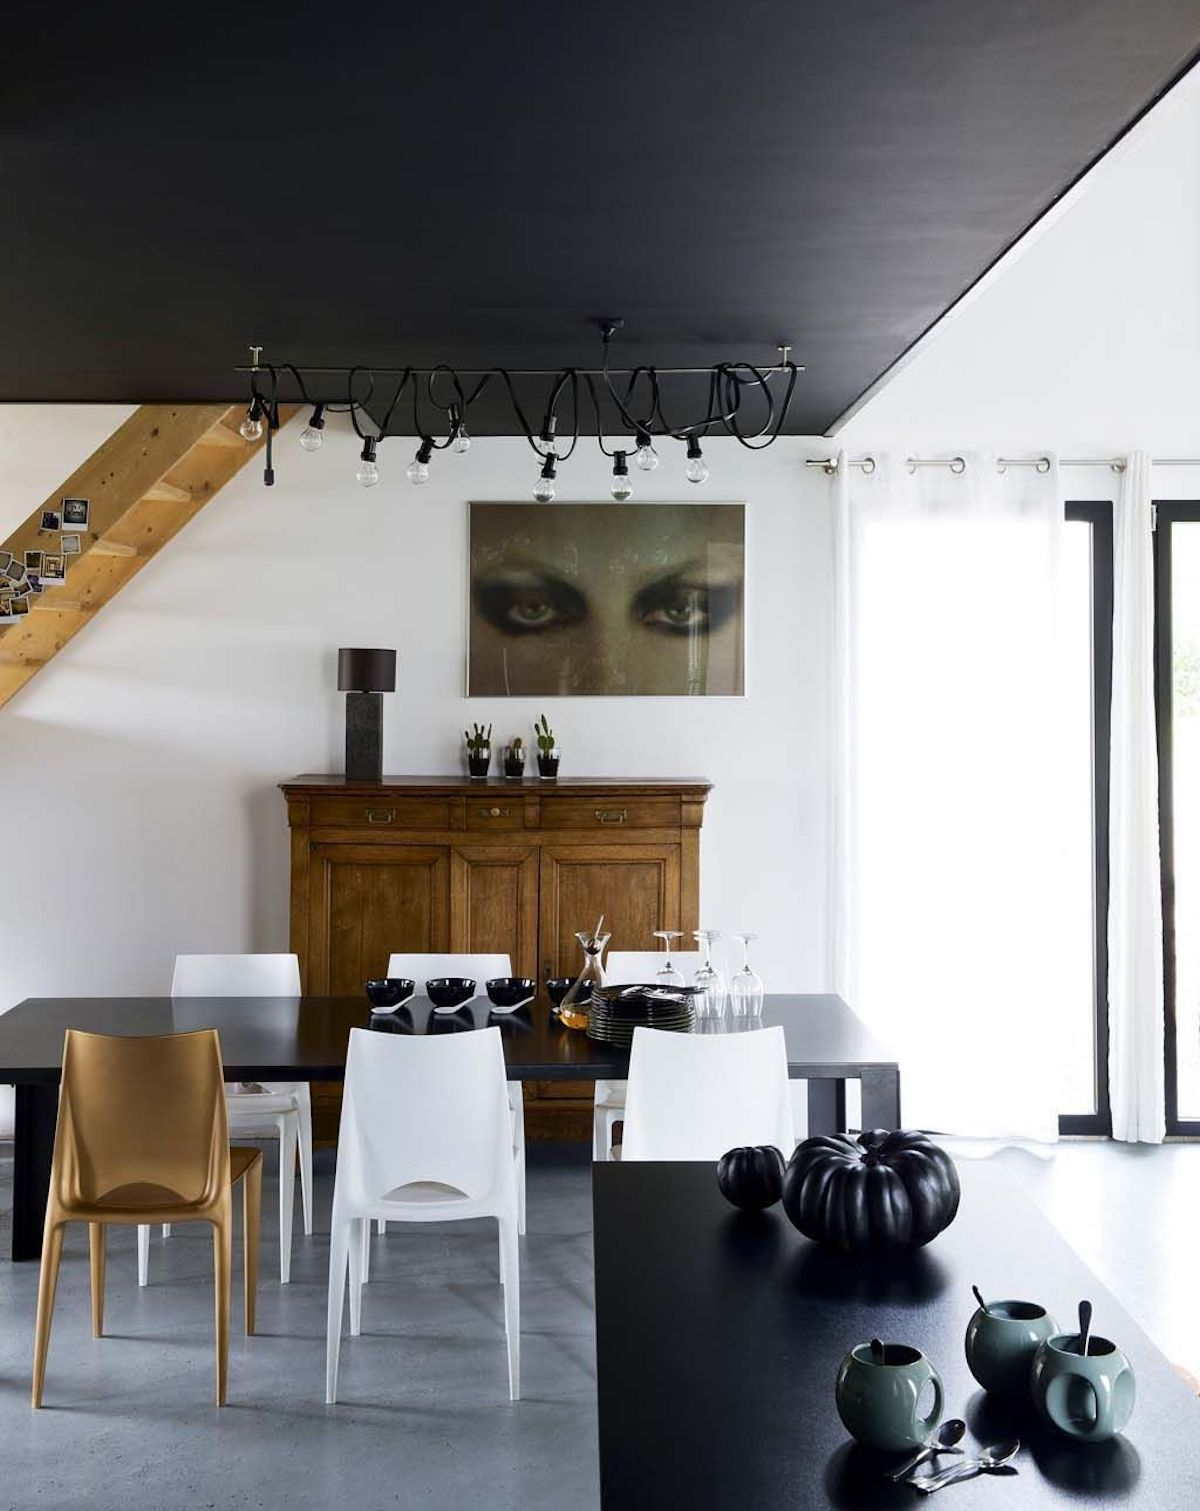 plafond noir idée décoration originale salle à manger sobre chic - blog déco - clem around the corner